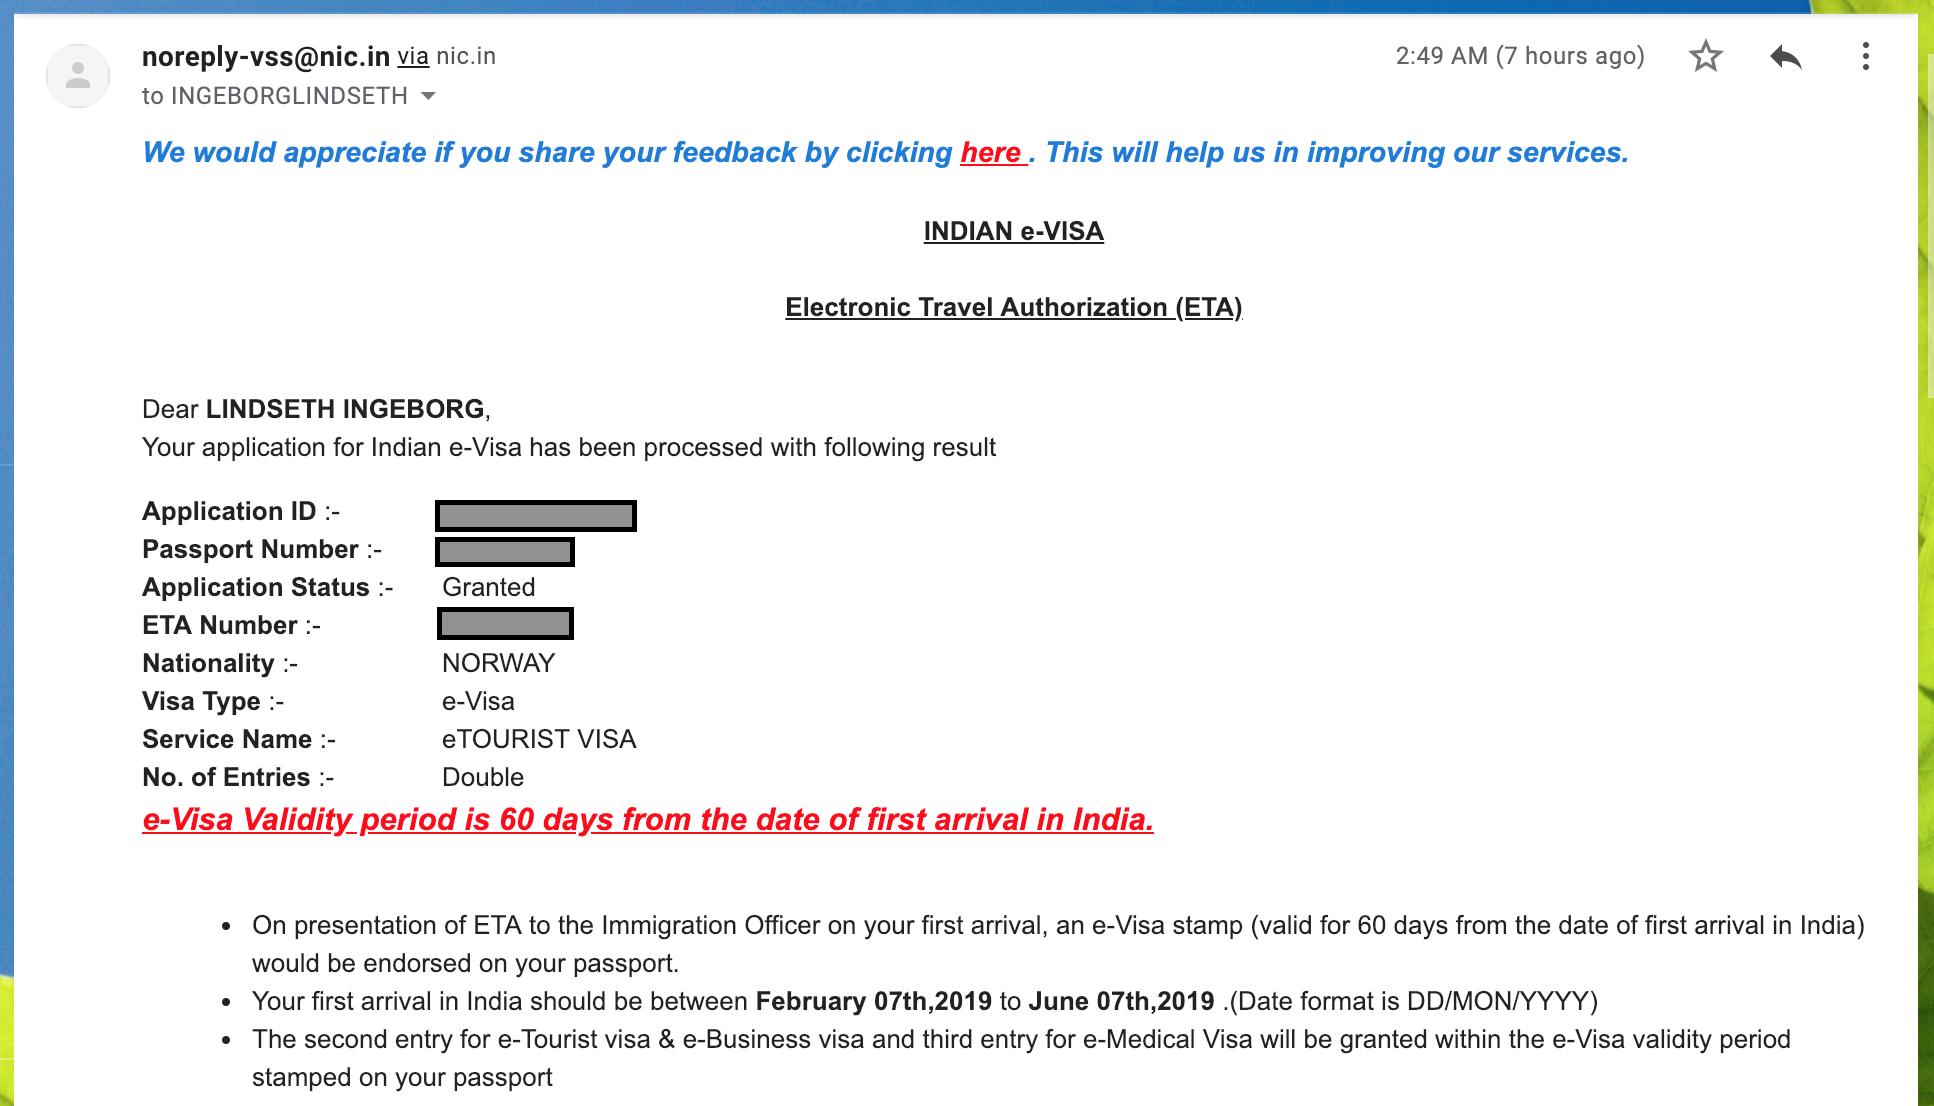 hvordan søke visum til india